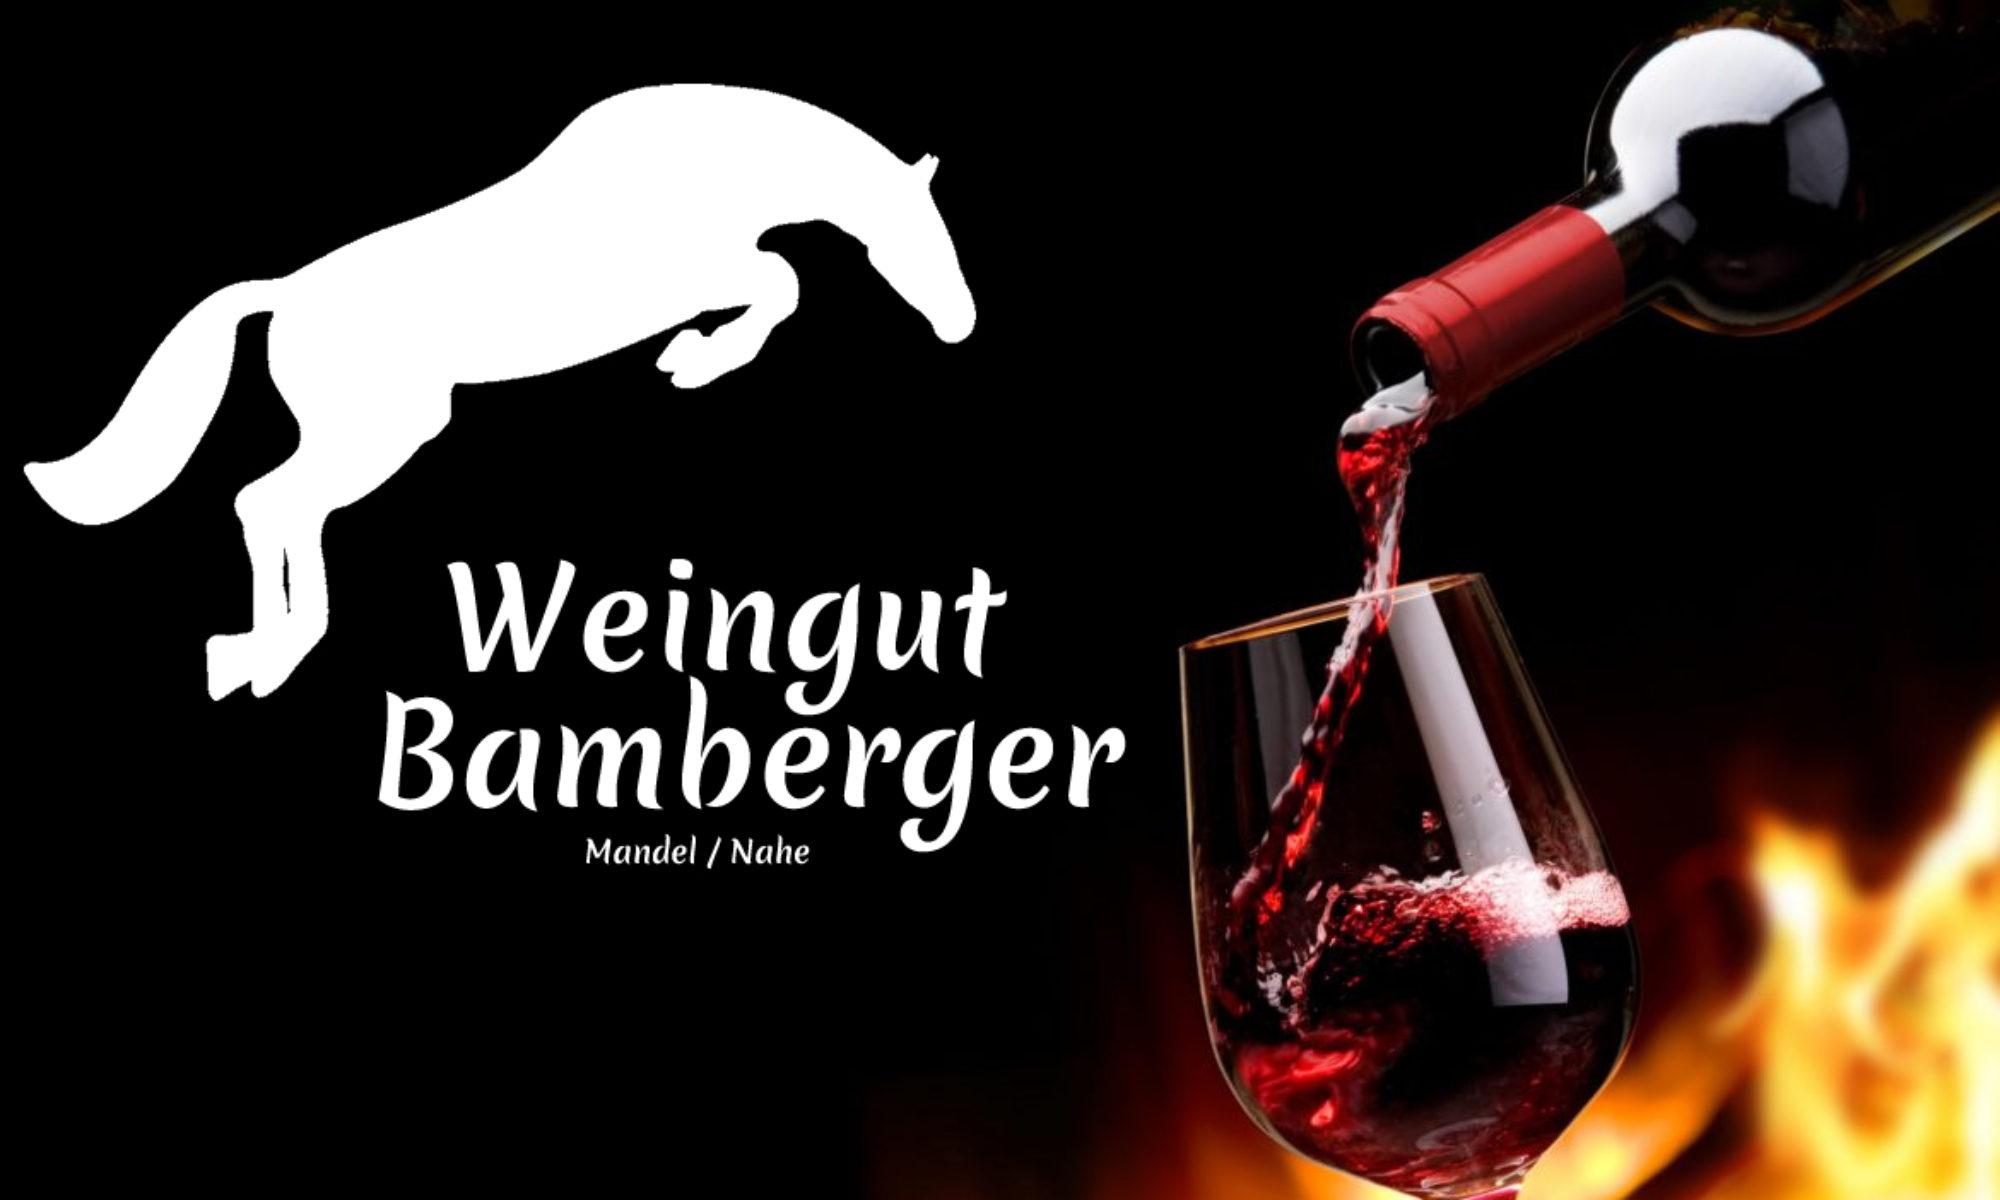 Weingut Bamberger